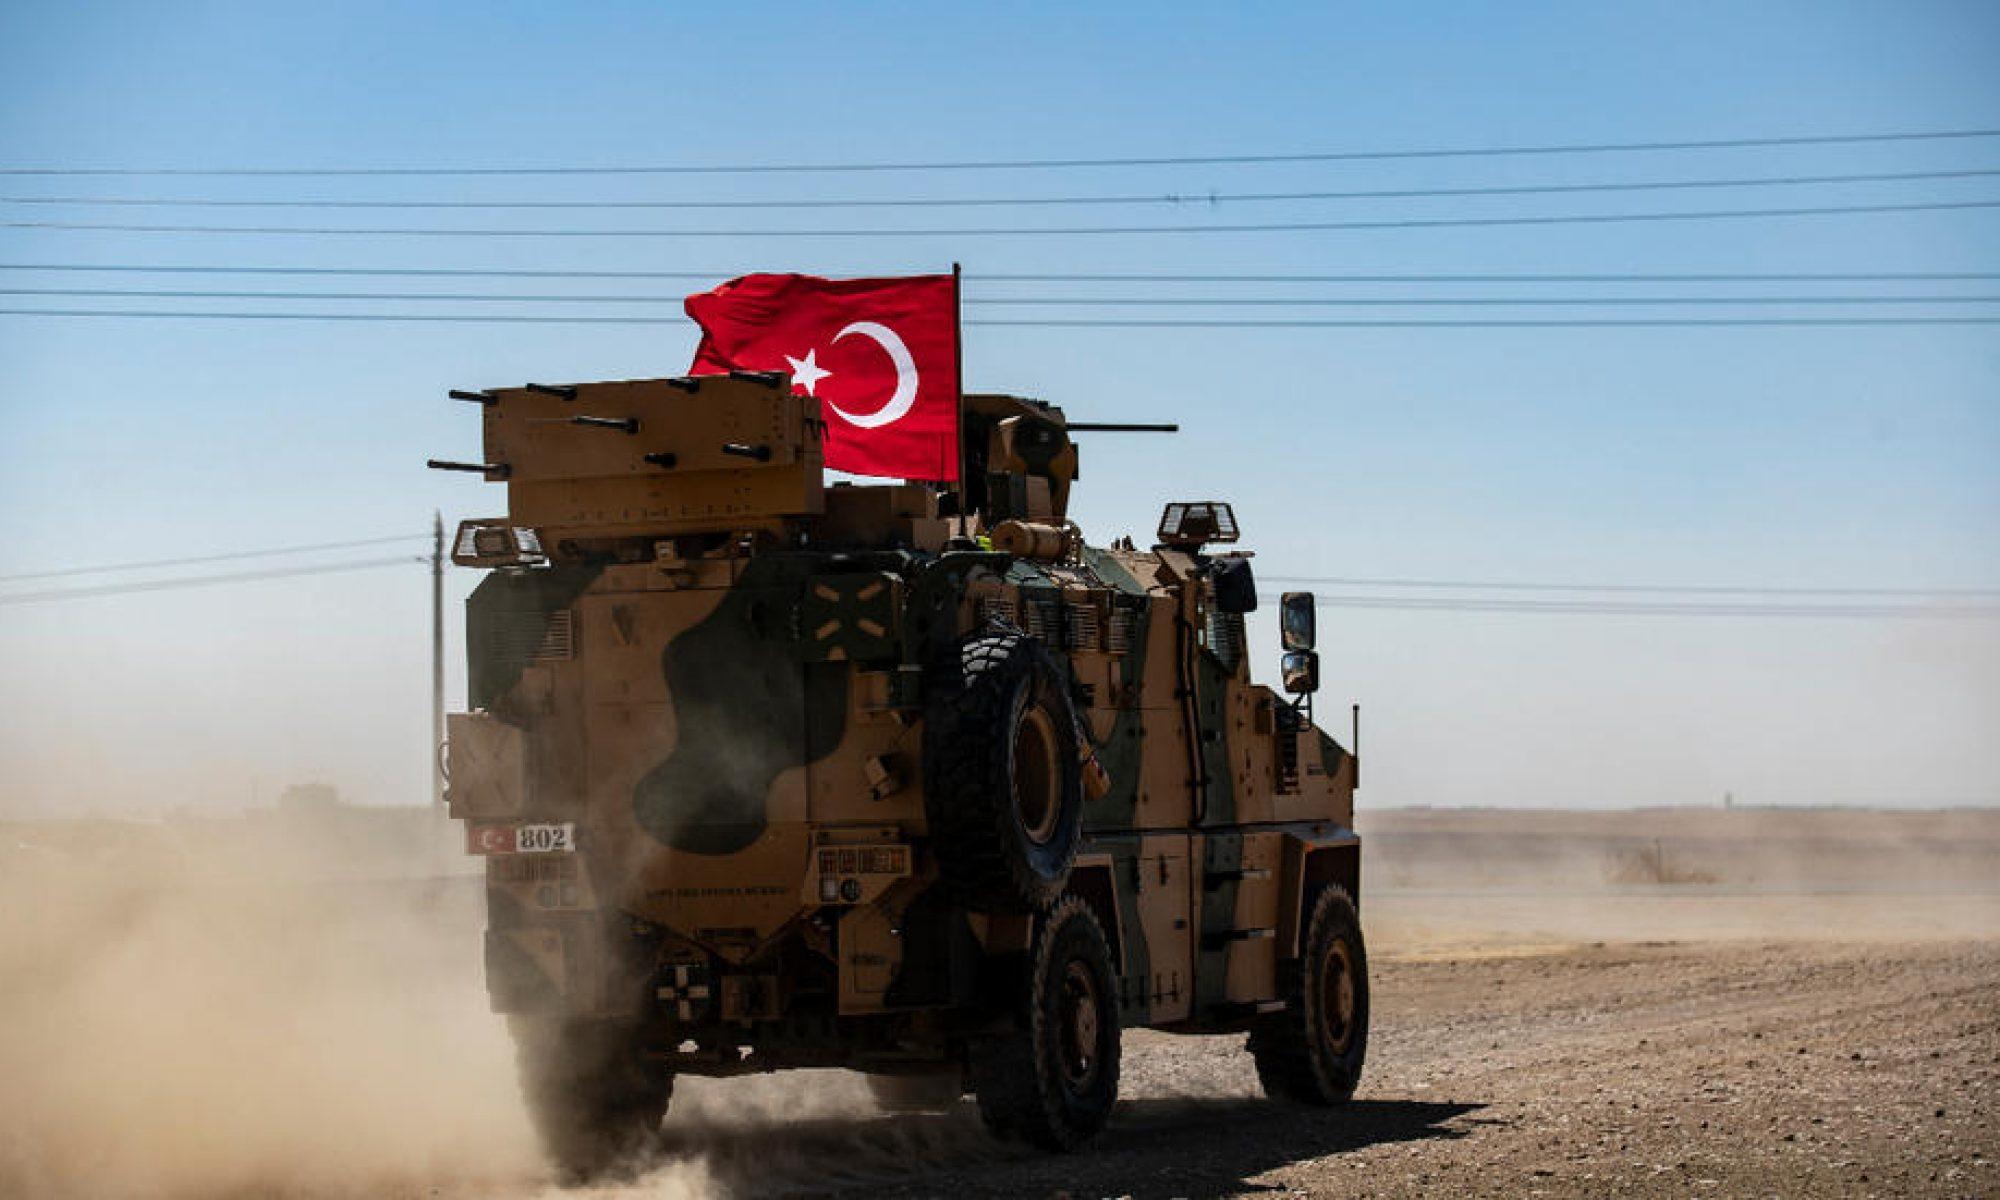 YPG ب مۆشهكێن تانك شكێن ل ئارتهشا تركیێ خست